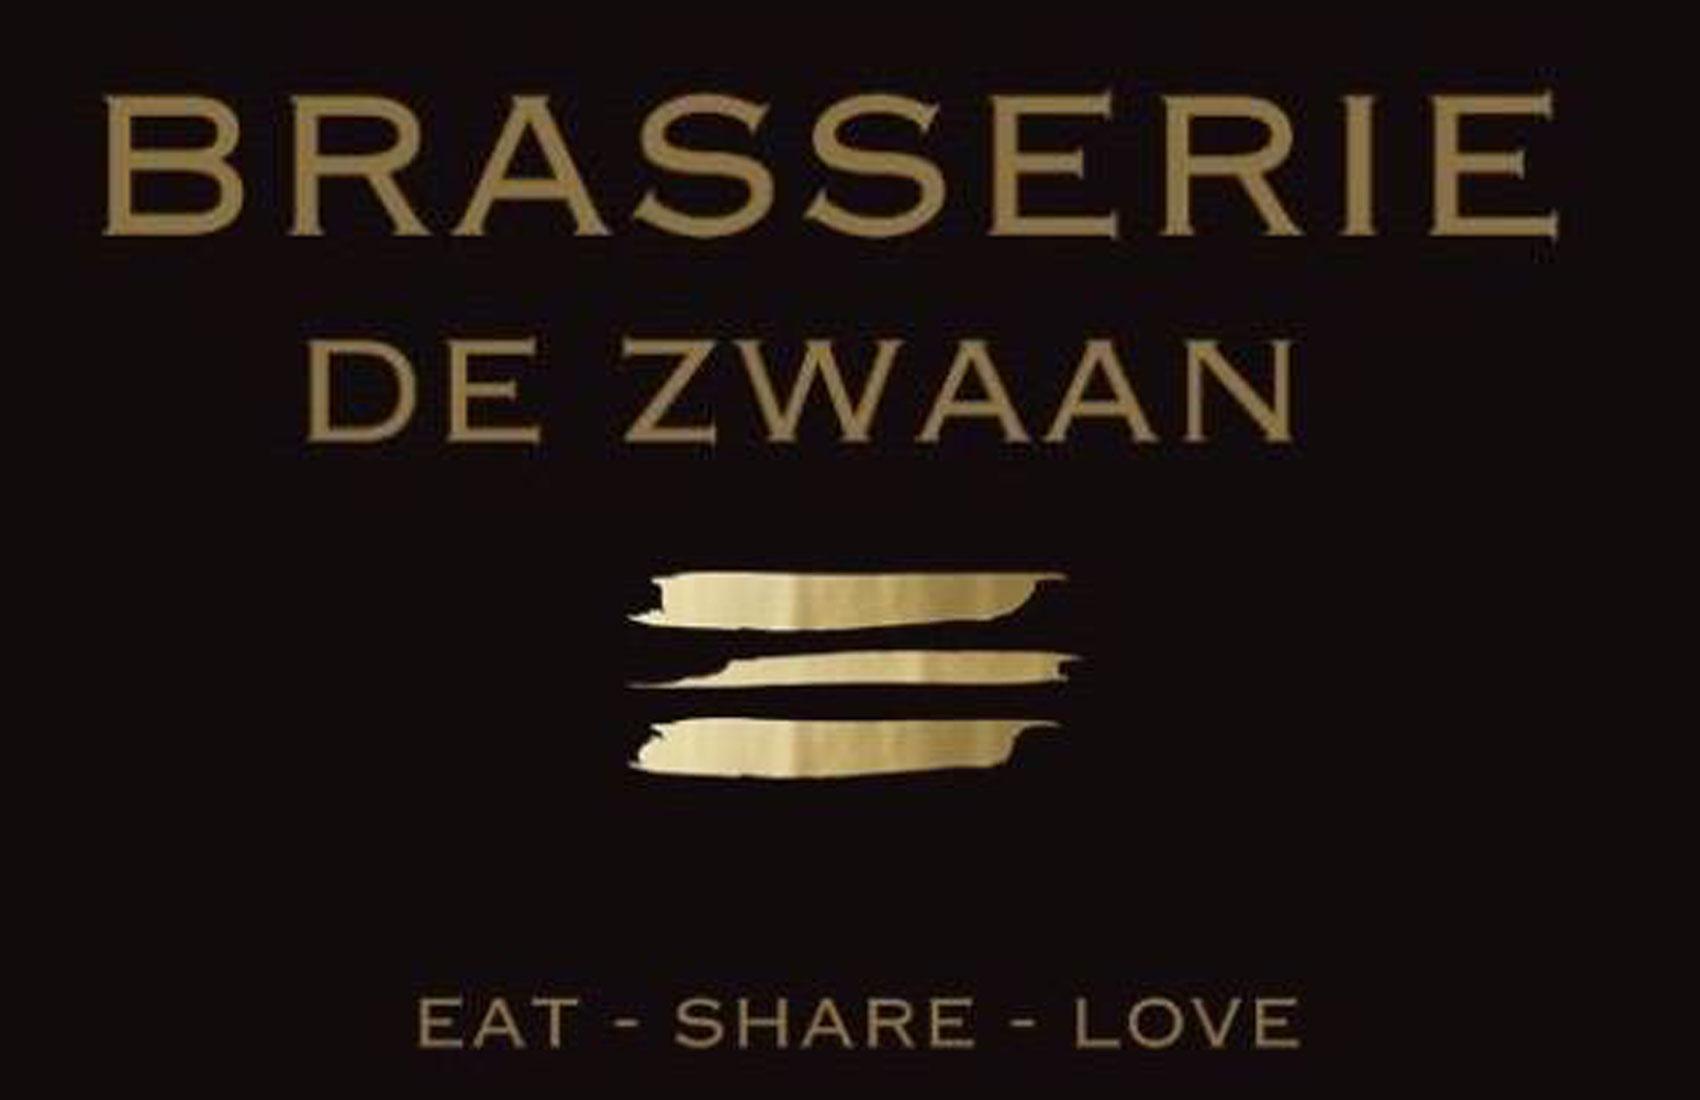 De Zwaan Brasserie